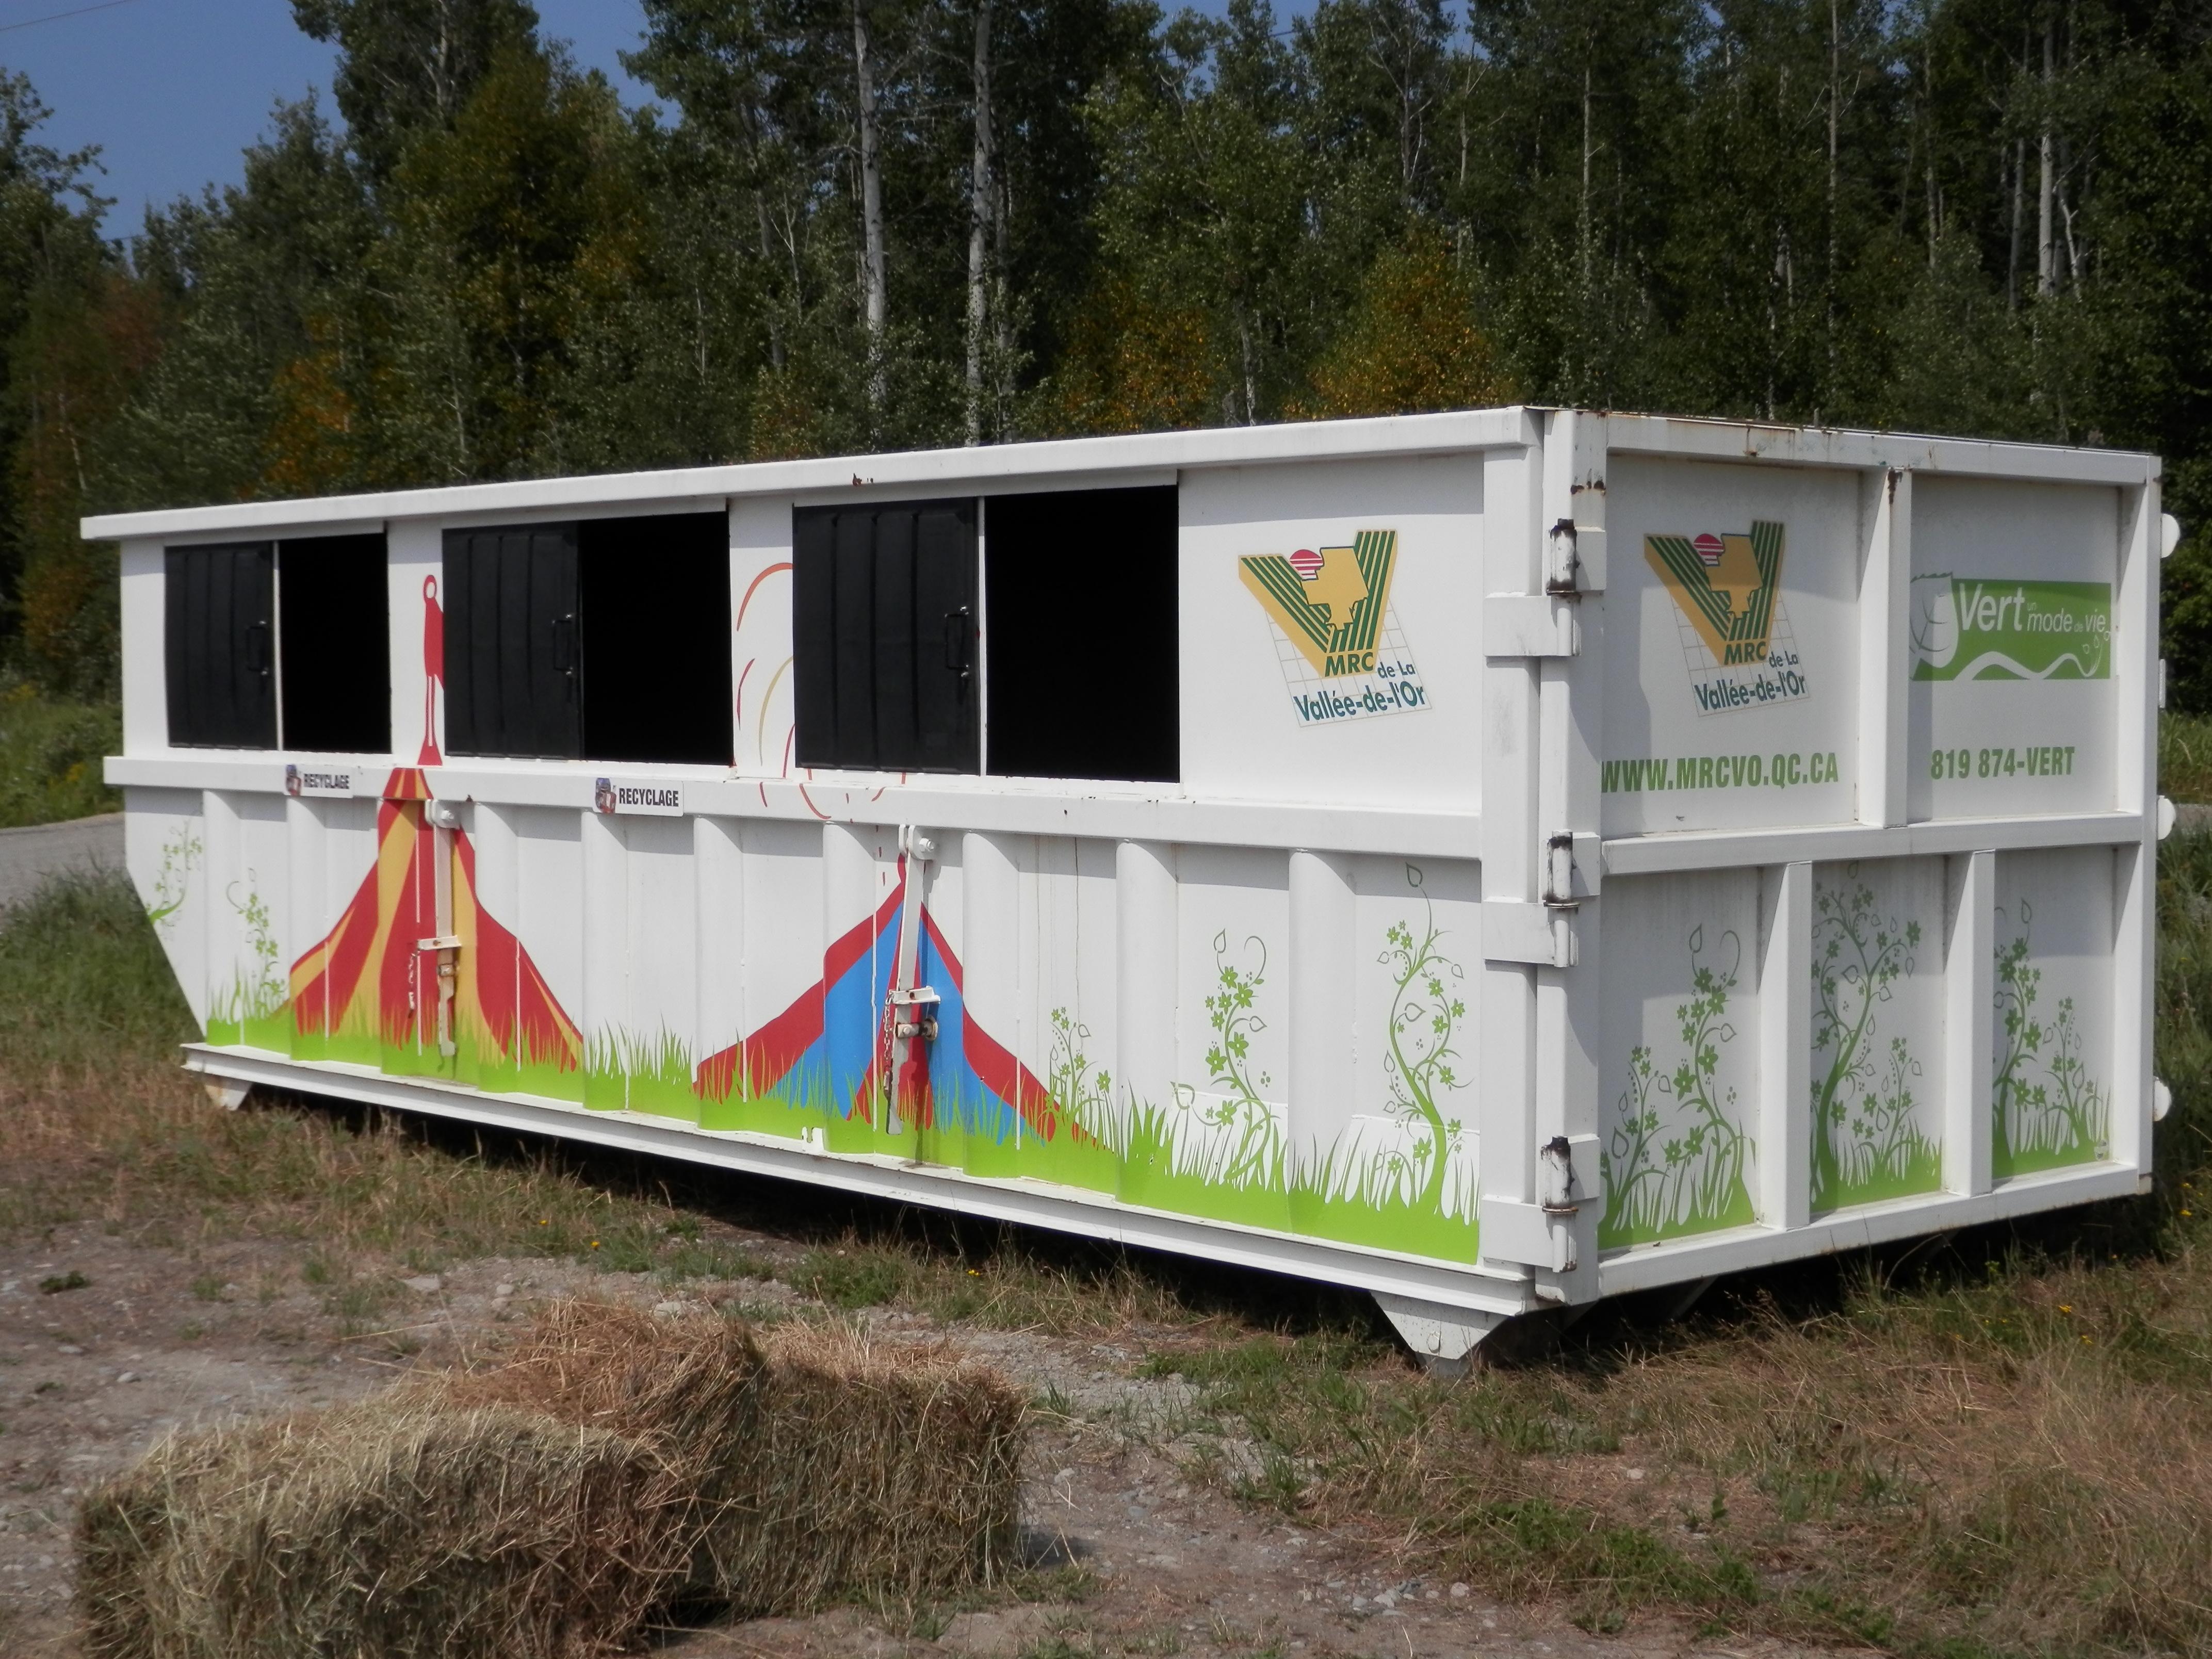 Des services bonifiés pour les événements et festivals du territoire